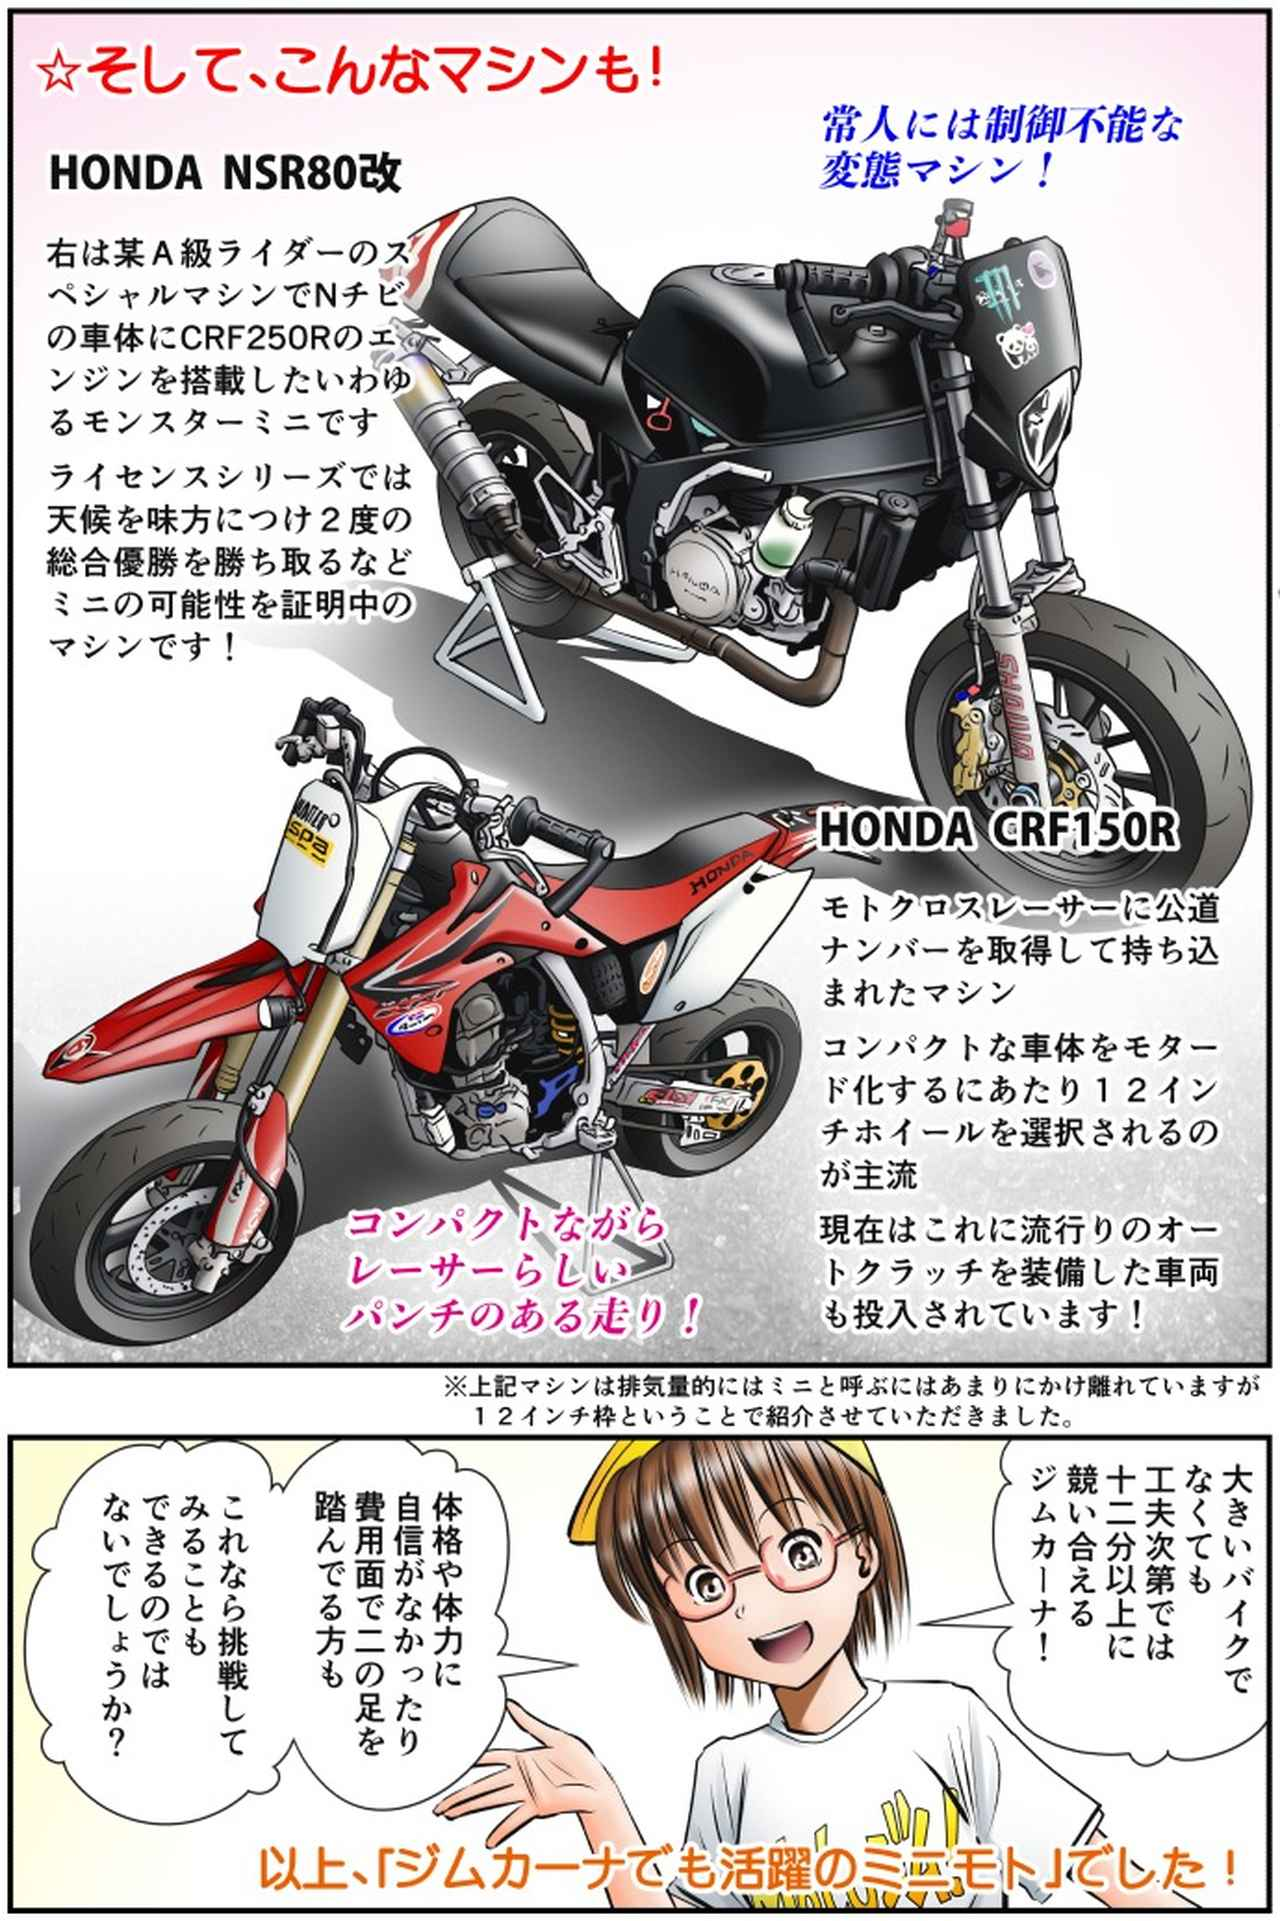 画像4: Motoジム! おまけのコーナー (ジムカーナでも活躍のミニモト!)  作・ばどみゅーみん